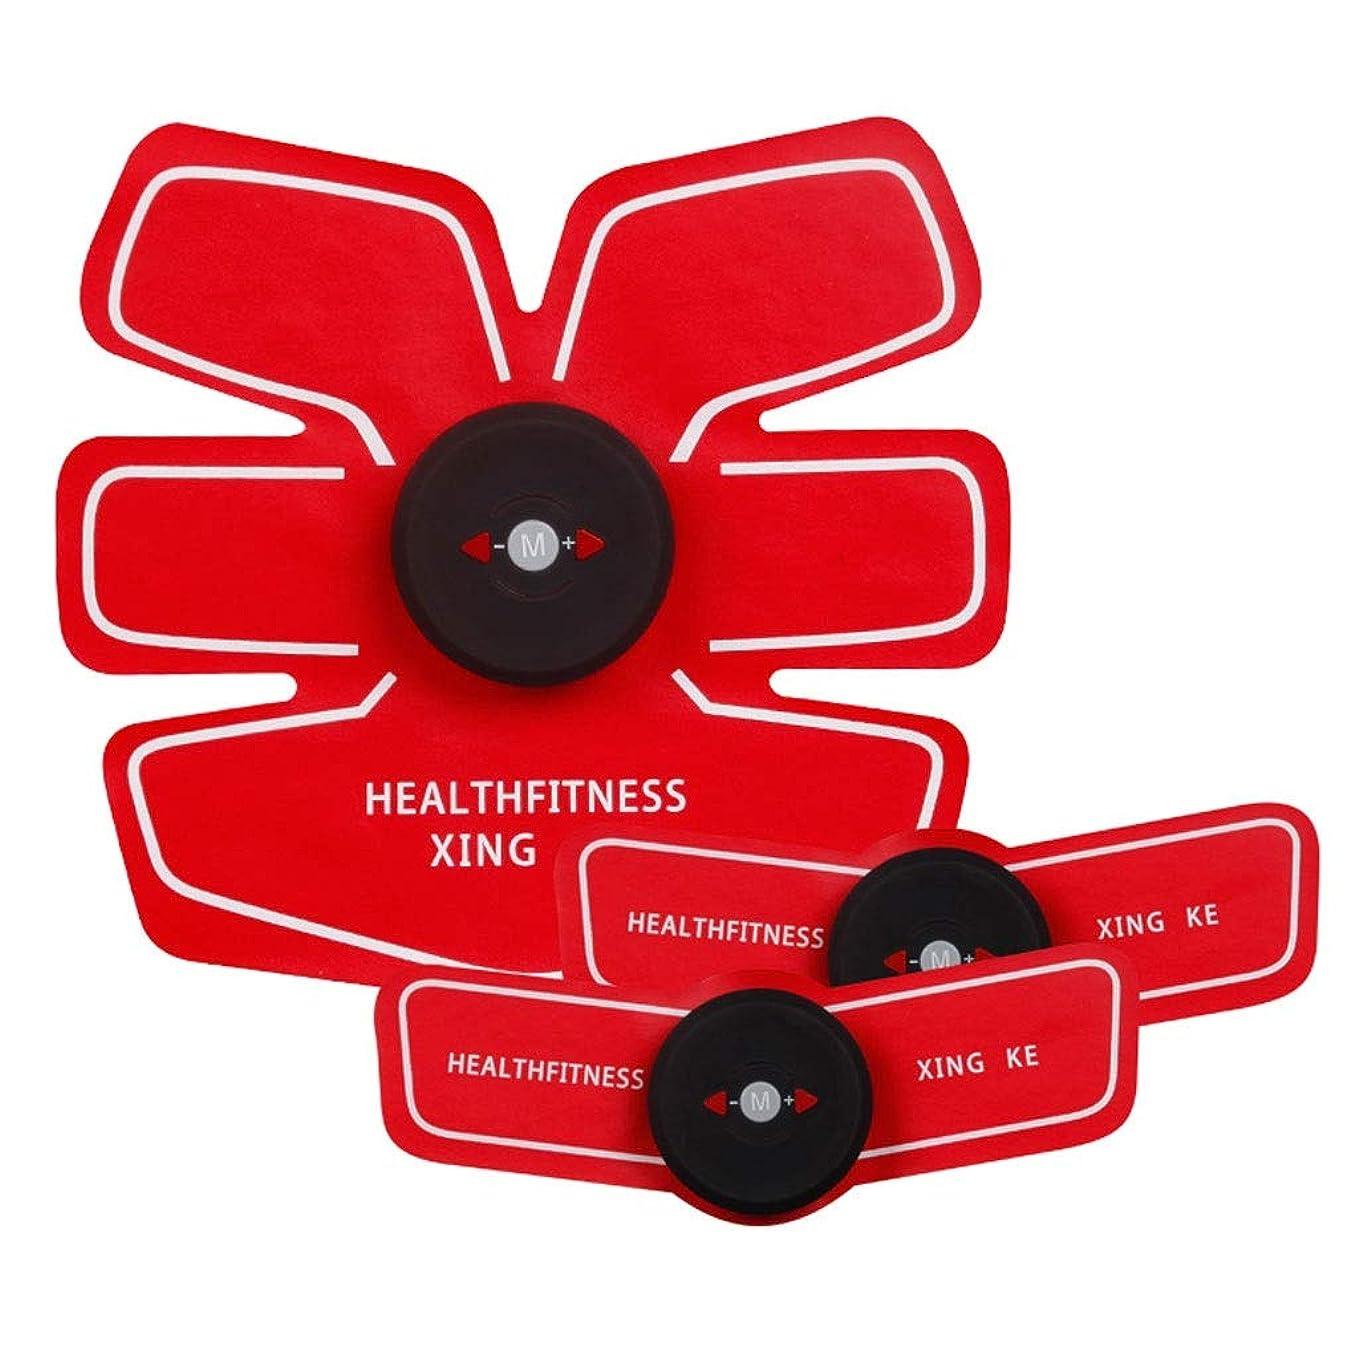 飽和するうねるソケットABSトレーナーEMS筋肉刺激装置付きLCDディスプレイUSB充電式究極腹部刺激装置付きリズムソフトインパルス6モード9レベルポータブル (Color : Red, Size : A+2B)